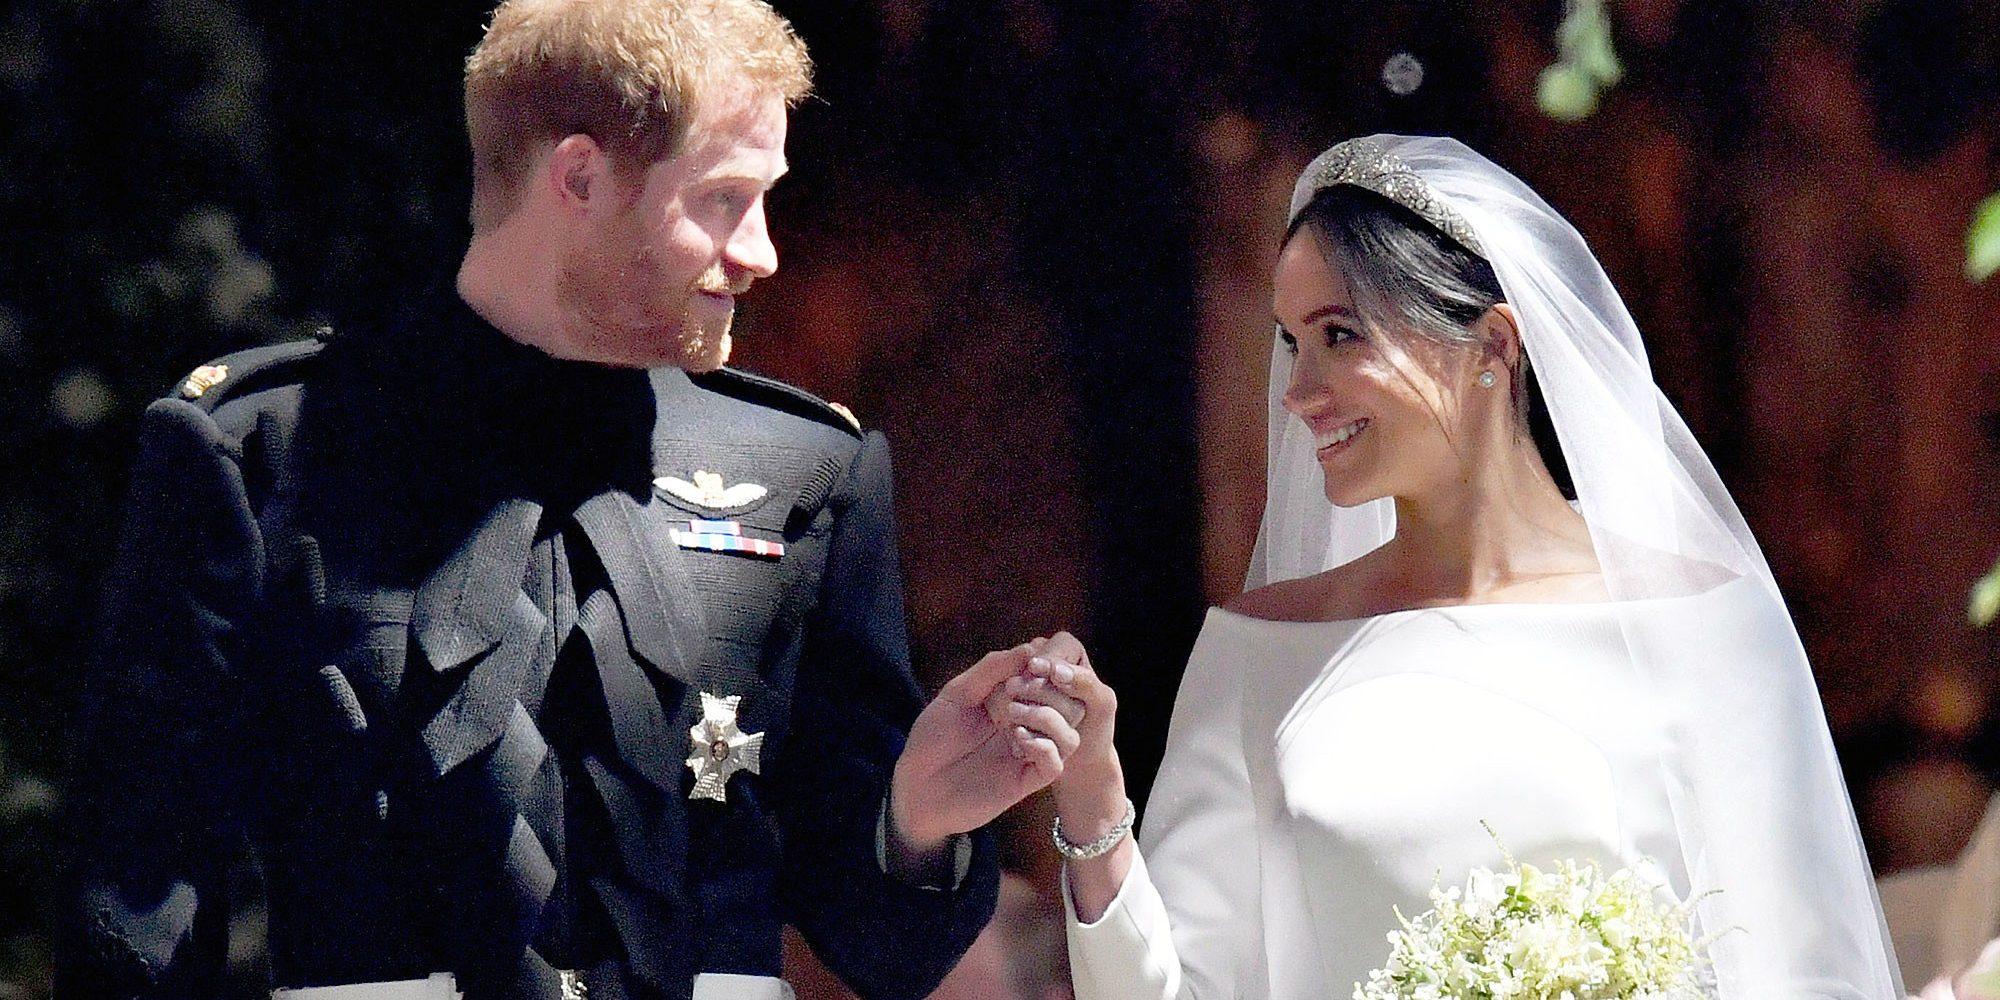 Αυτός είναι ο πρώτος βασιλικός γάμος εν μέσω κορωνοϊού (θαρραλέοι)